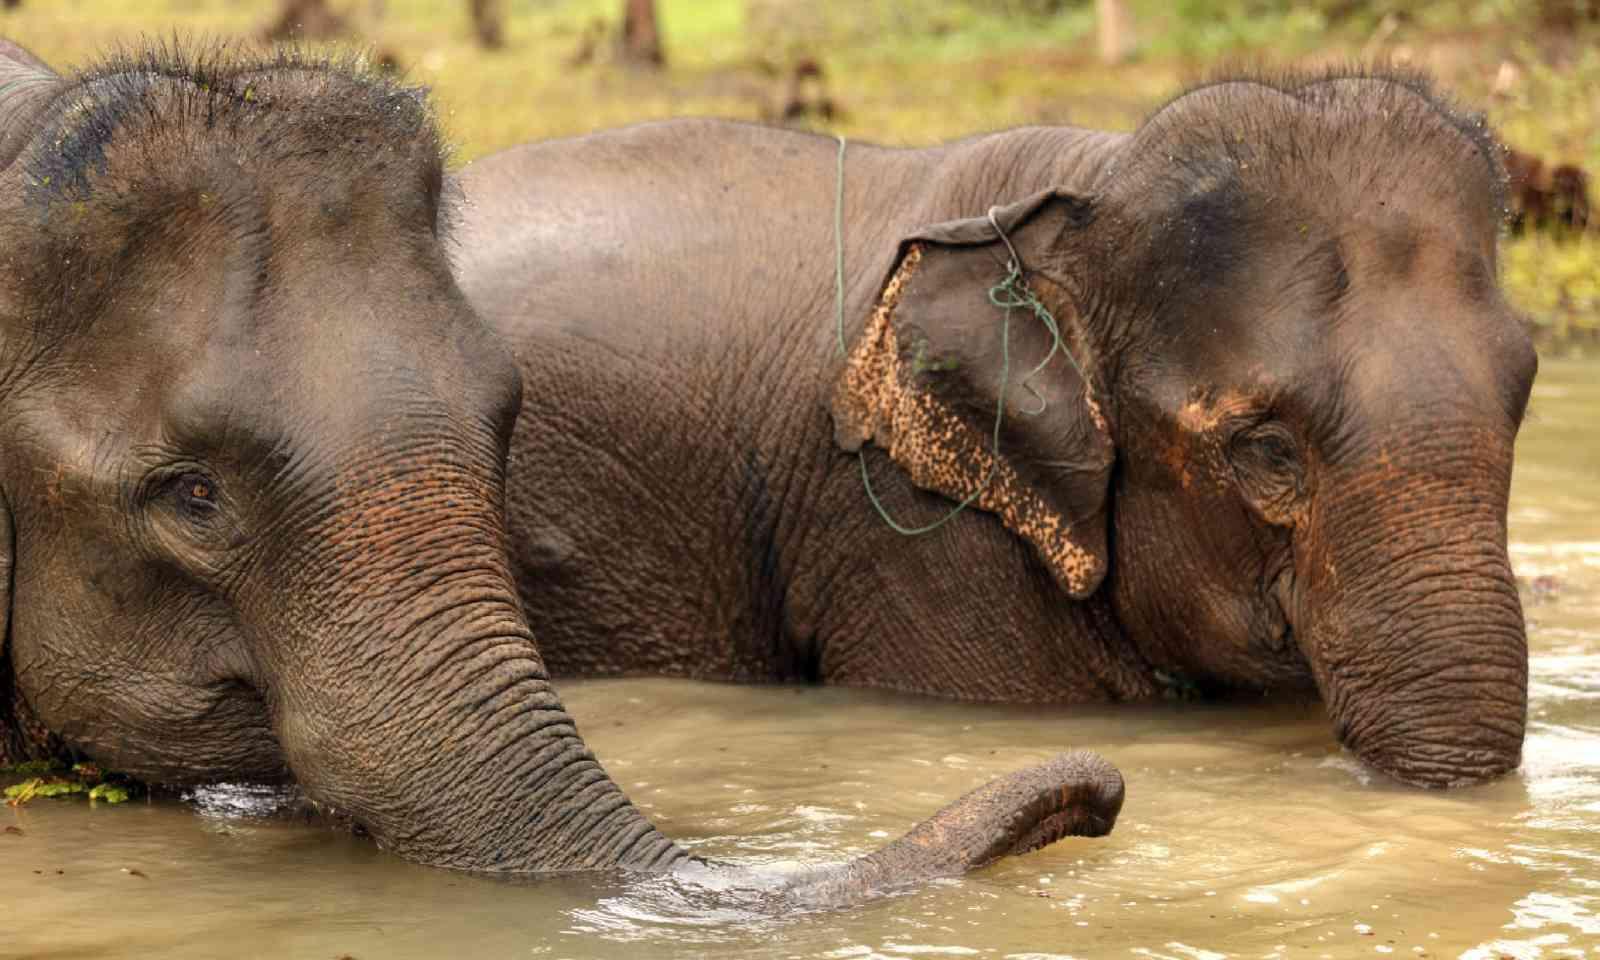 Asian elephant bathing in muddy water, Laos (Shutterstock)